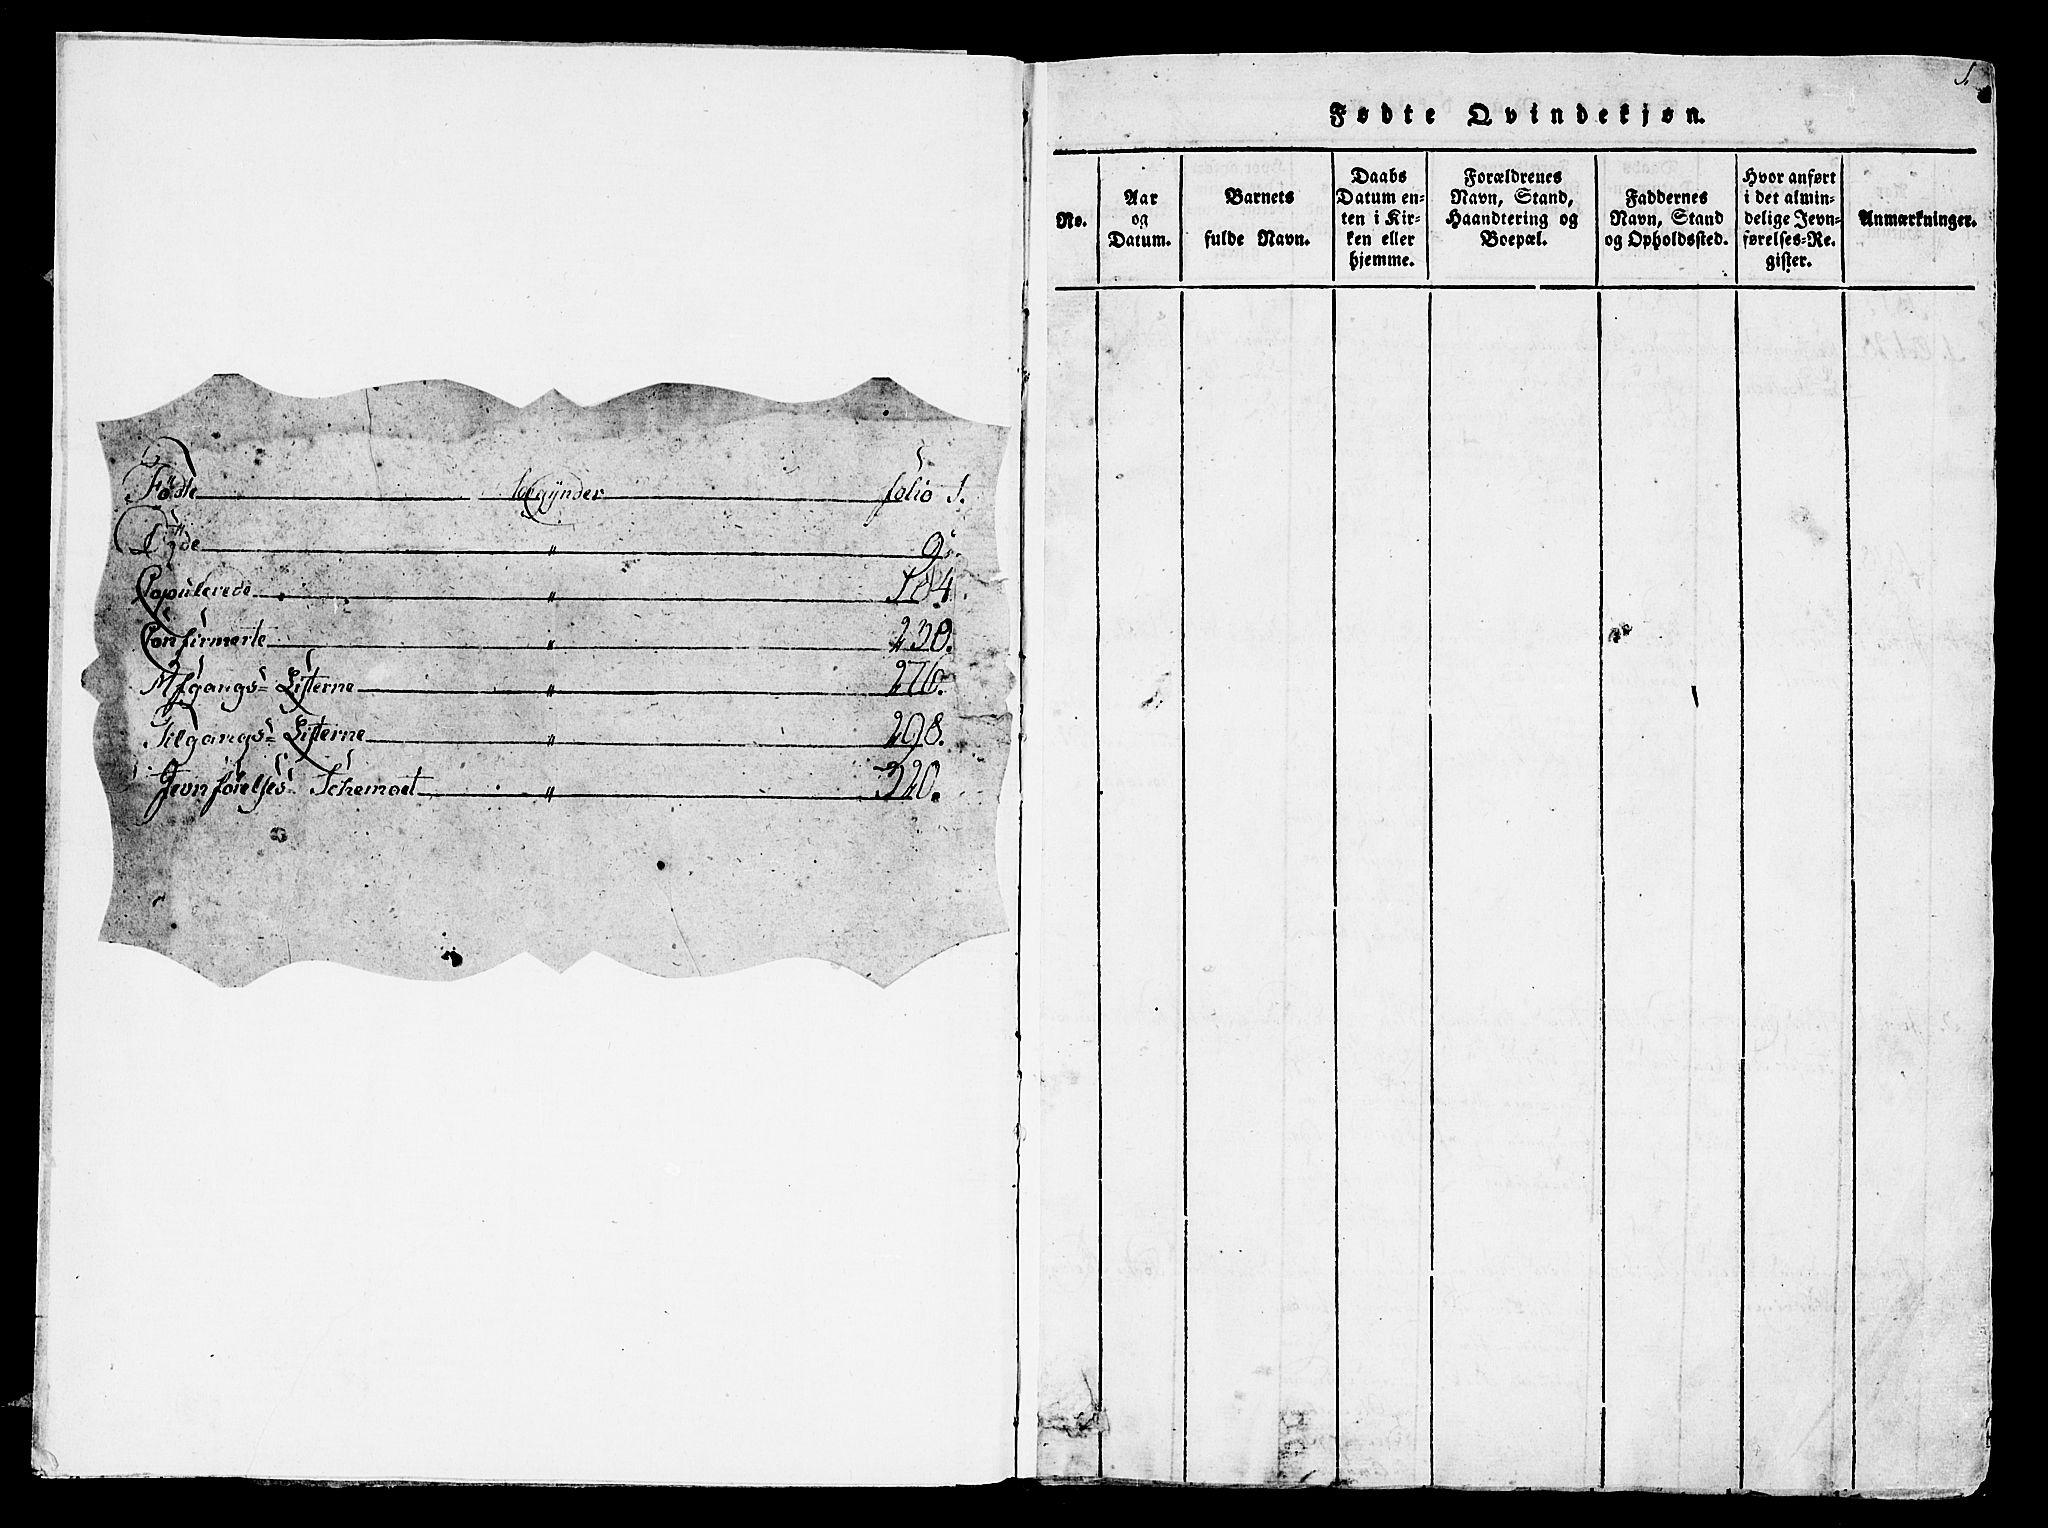 SAT, Ministerialprotokoller, klokkerbøker og fødselsregistre - Sør-Trøndelag, 657/L0702: Ministerialbok nr. 657A03, 1818-1831, s. 1